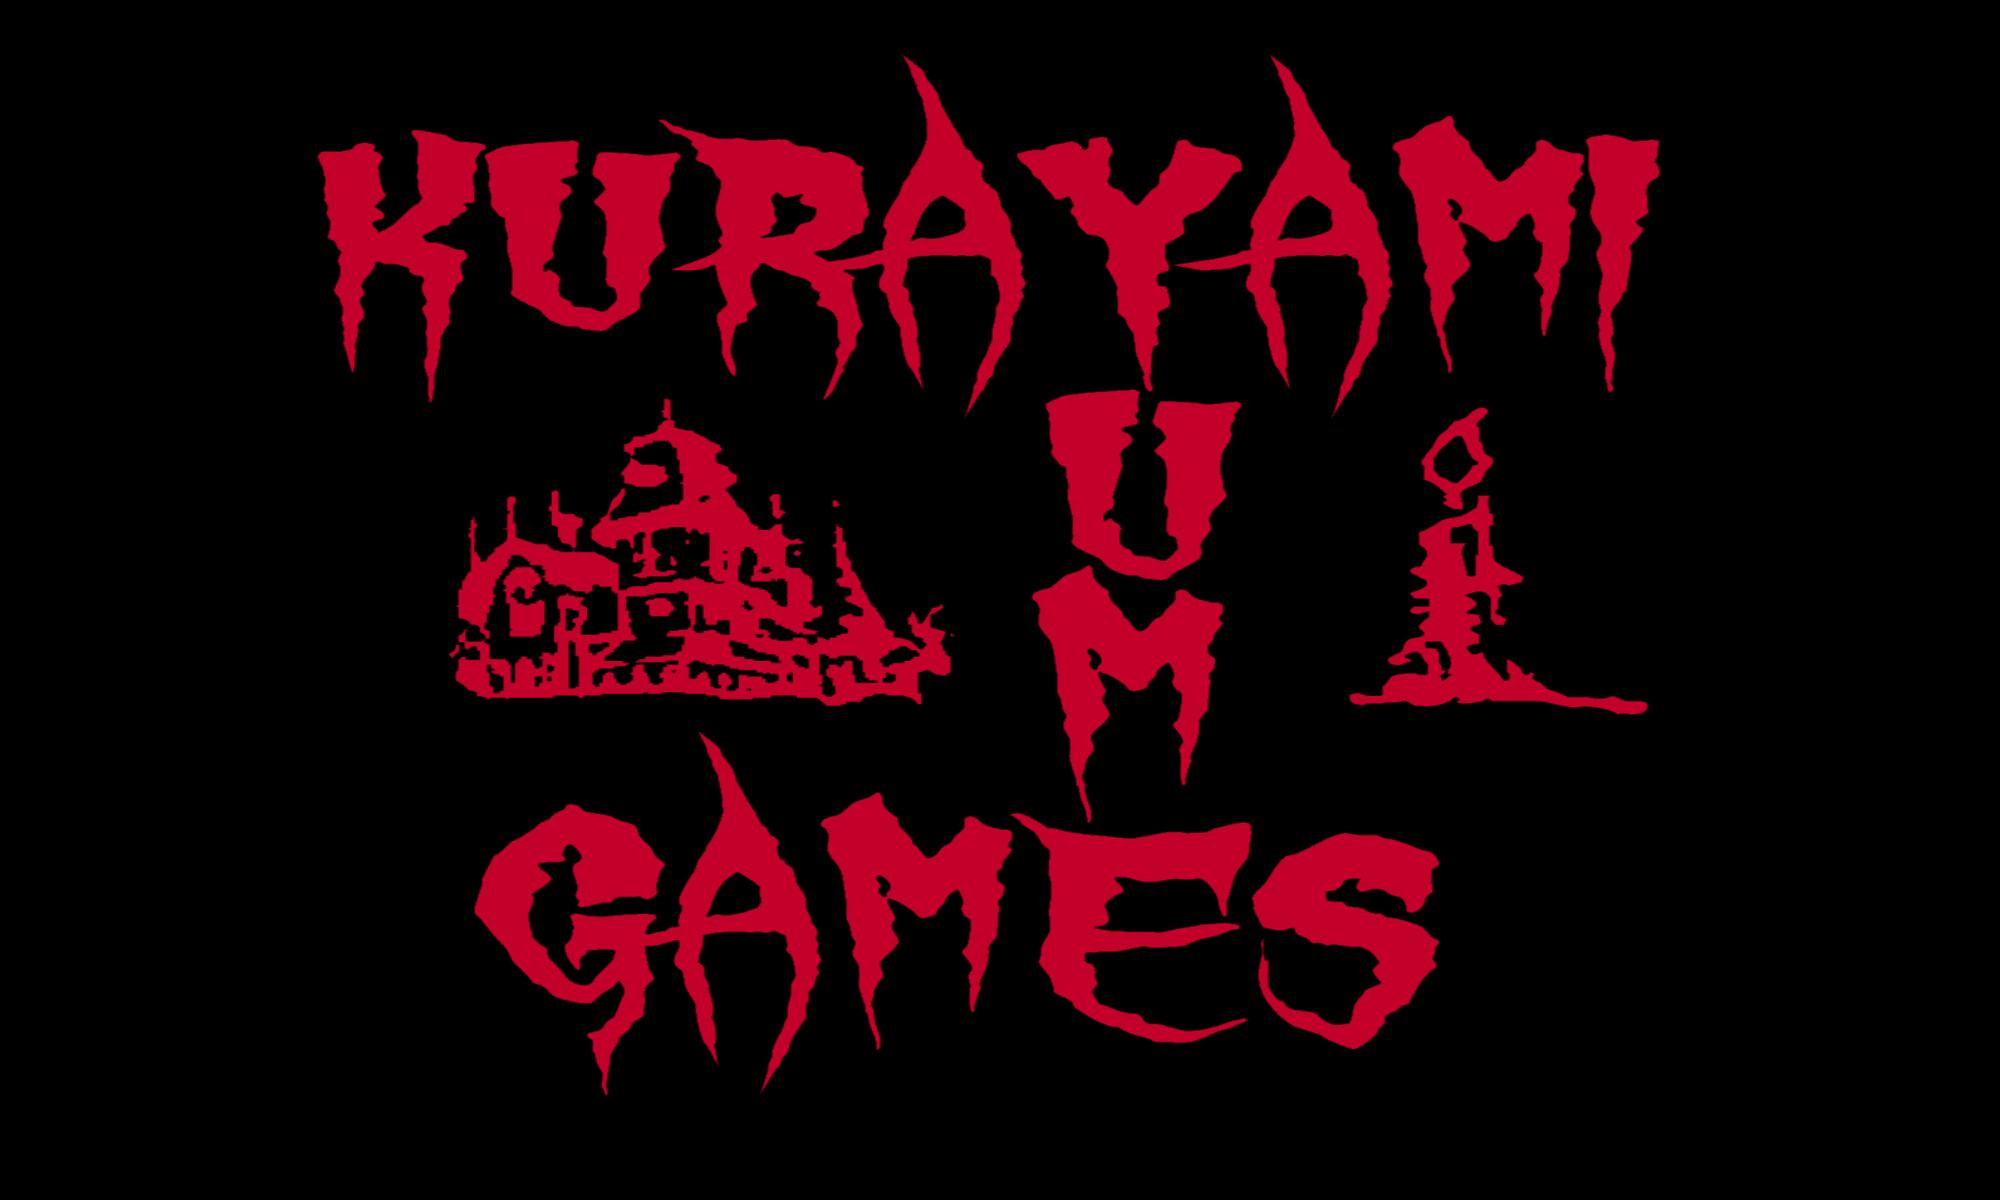 Kurayami Yume Games